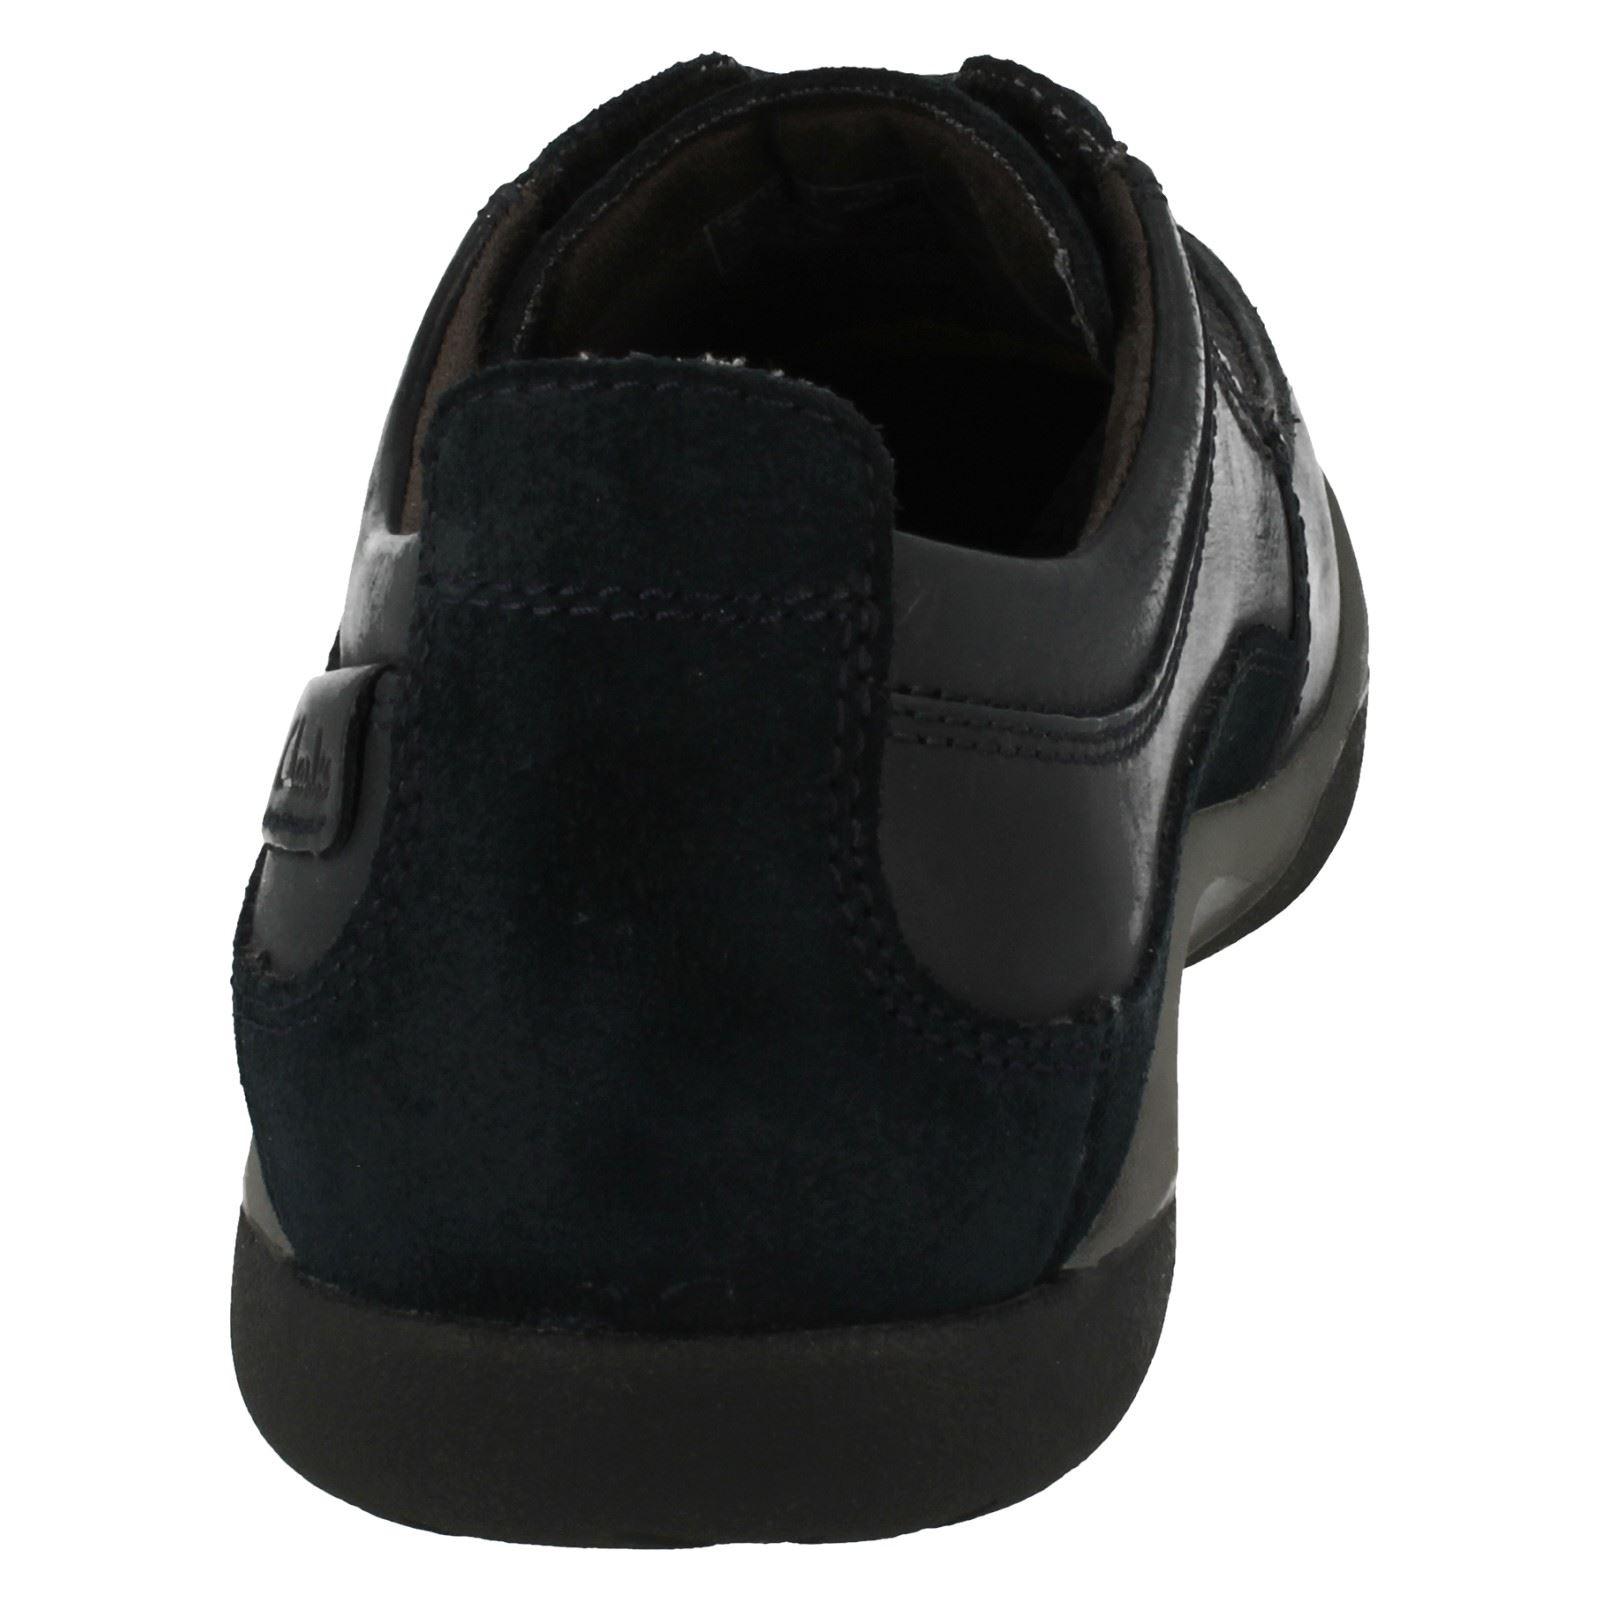 de Hombres con 'route cordones Casual Clarks Navy Walk' zapatos qzwfTRz